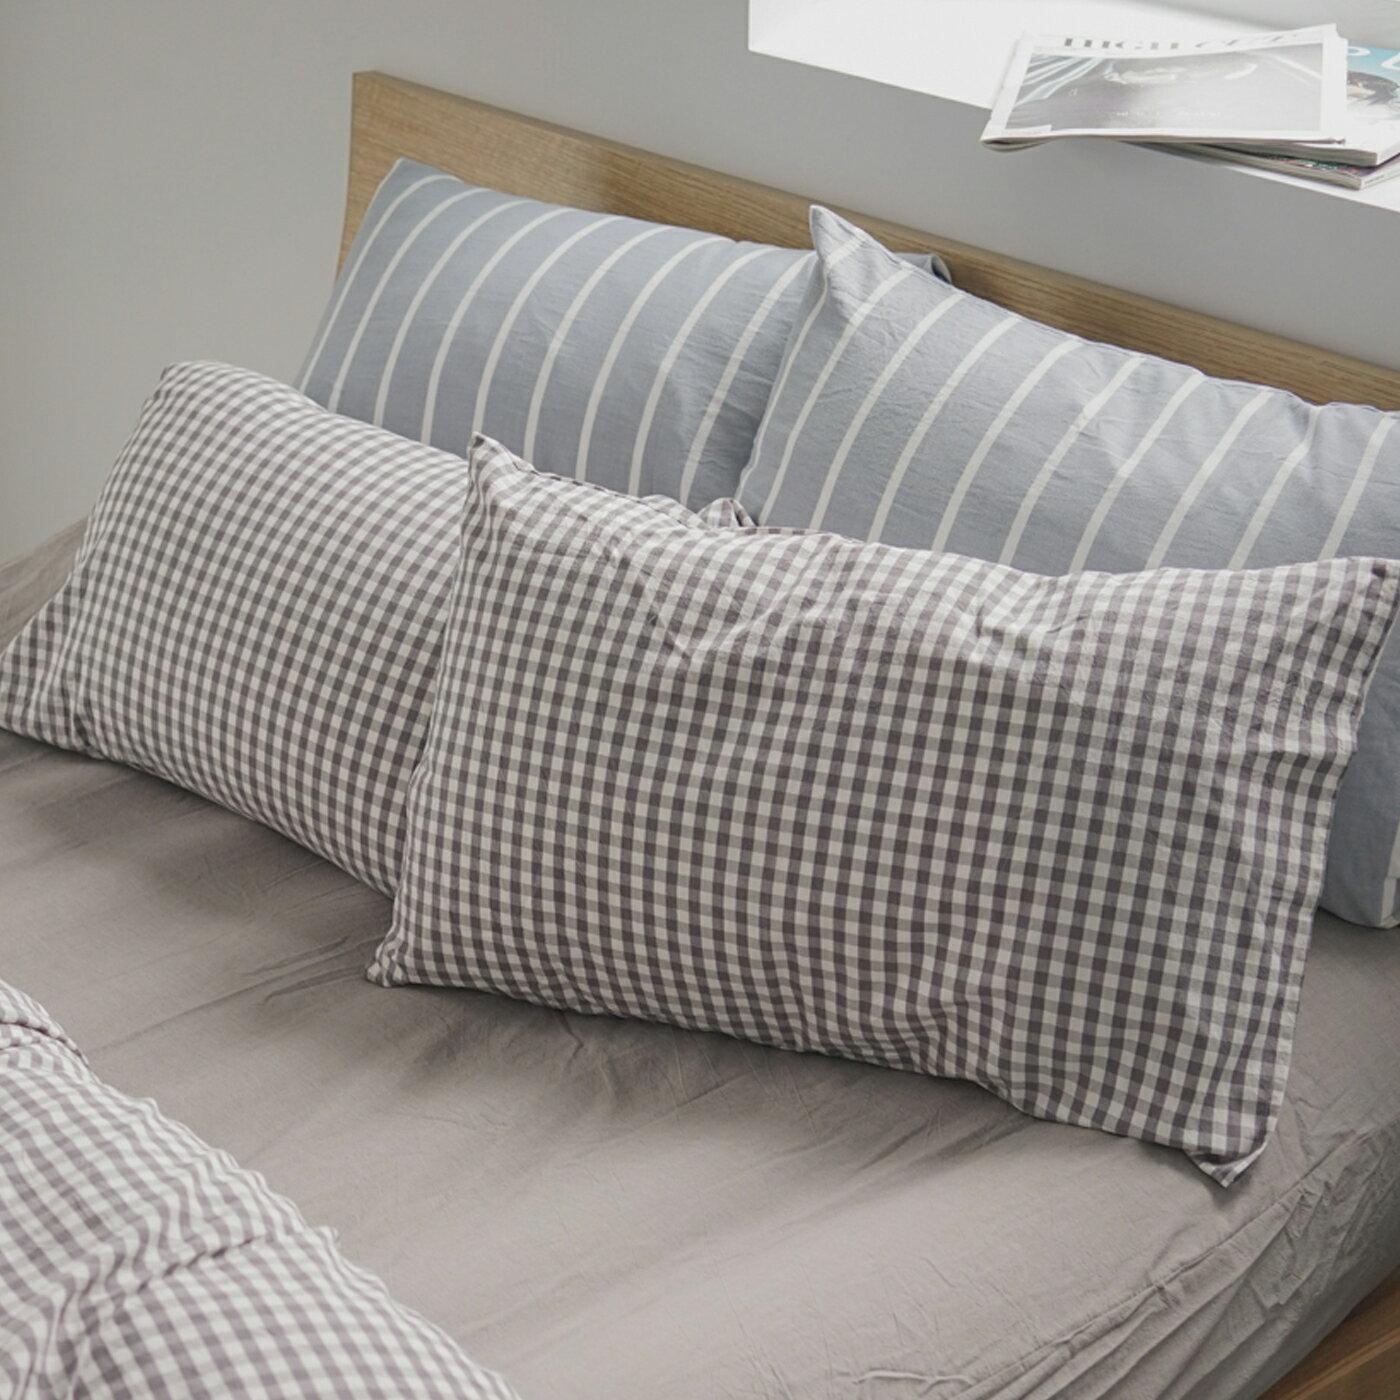 枕套~2入 ^~水洗棉~細格灰^~ 新疆棉寢織品;自然無印;簡約 ;翔仔居家